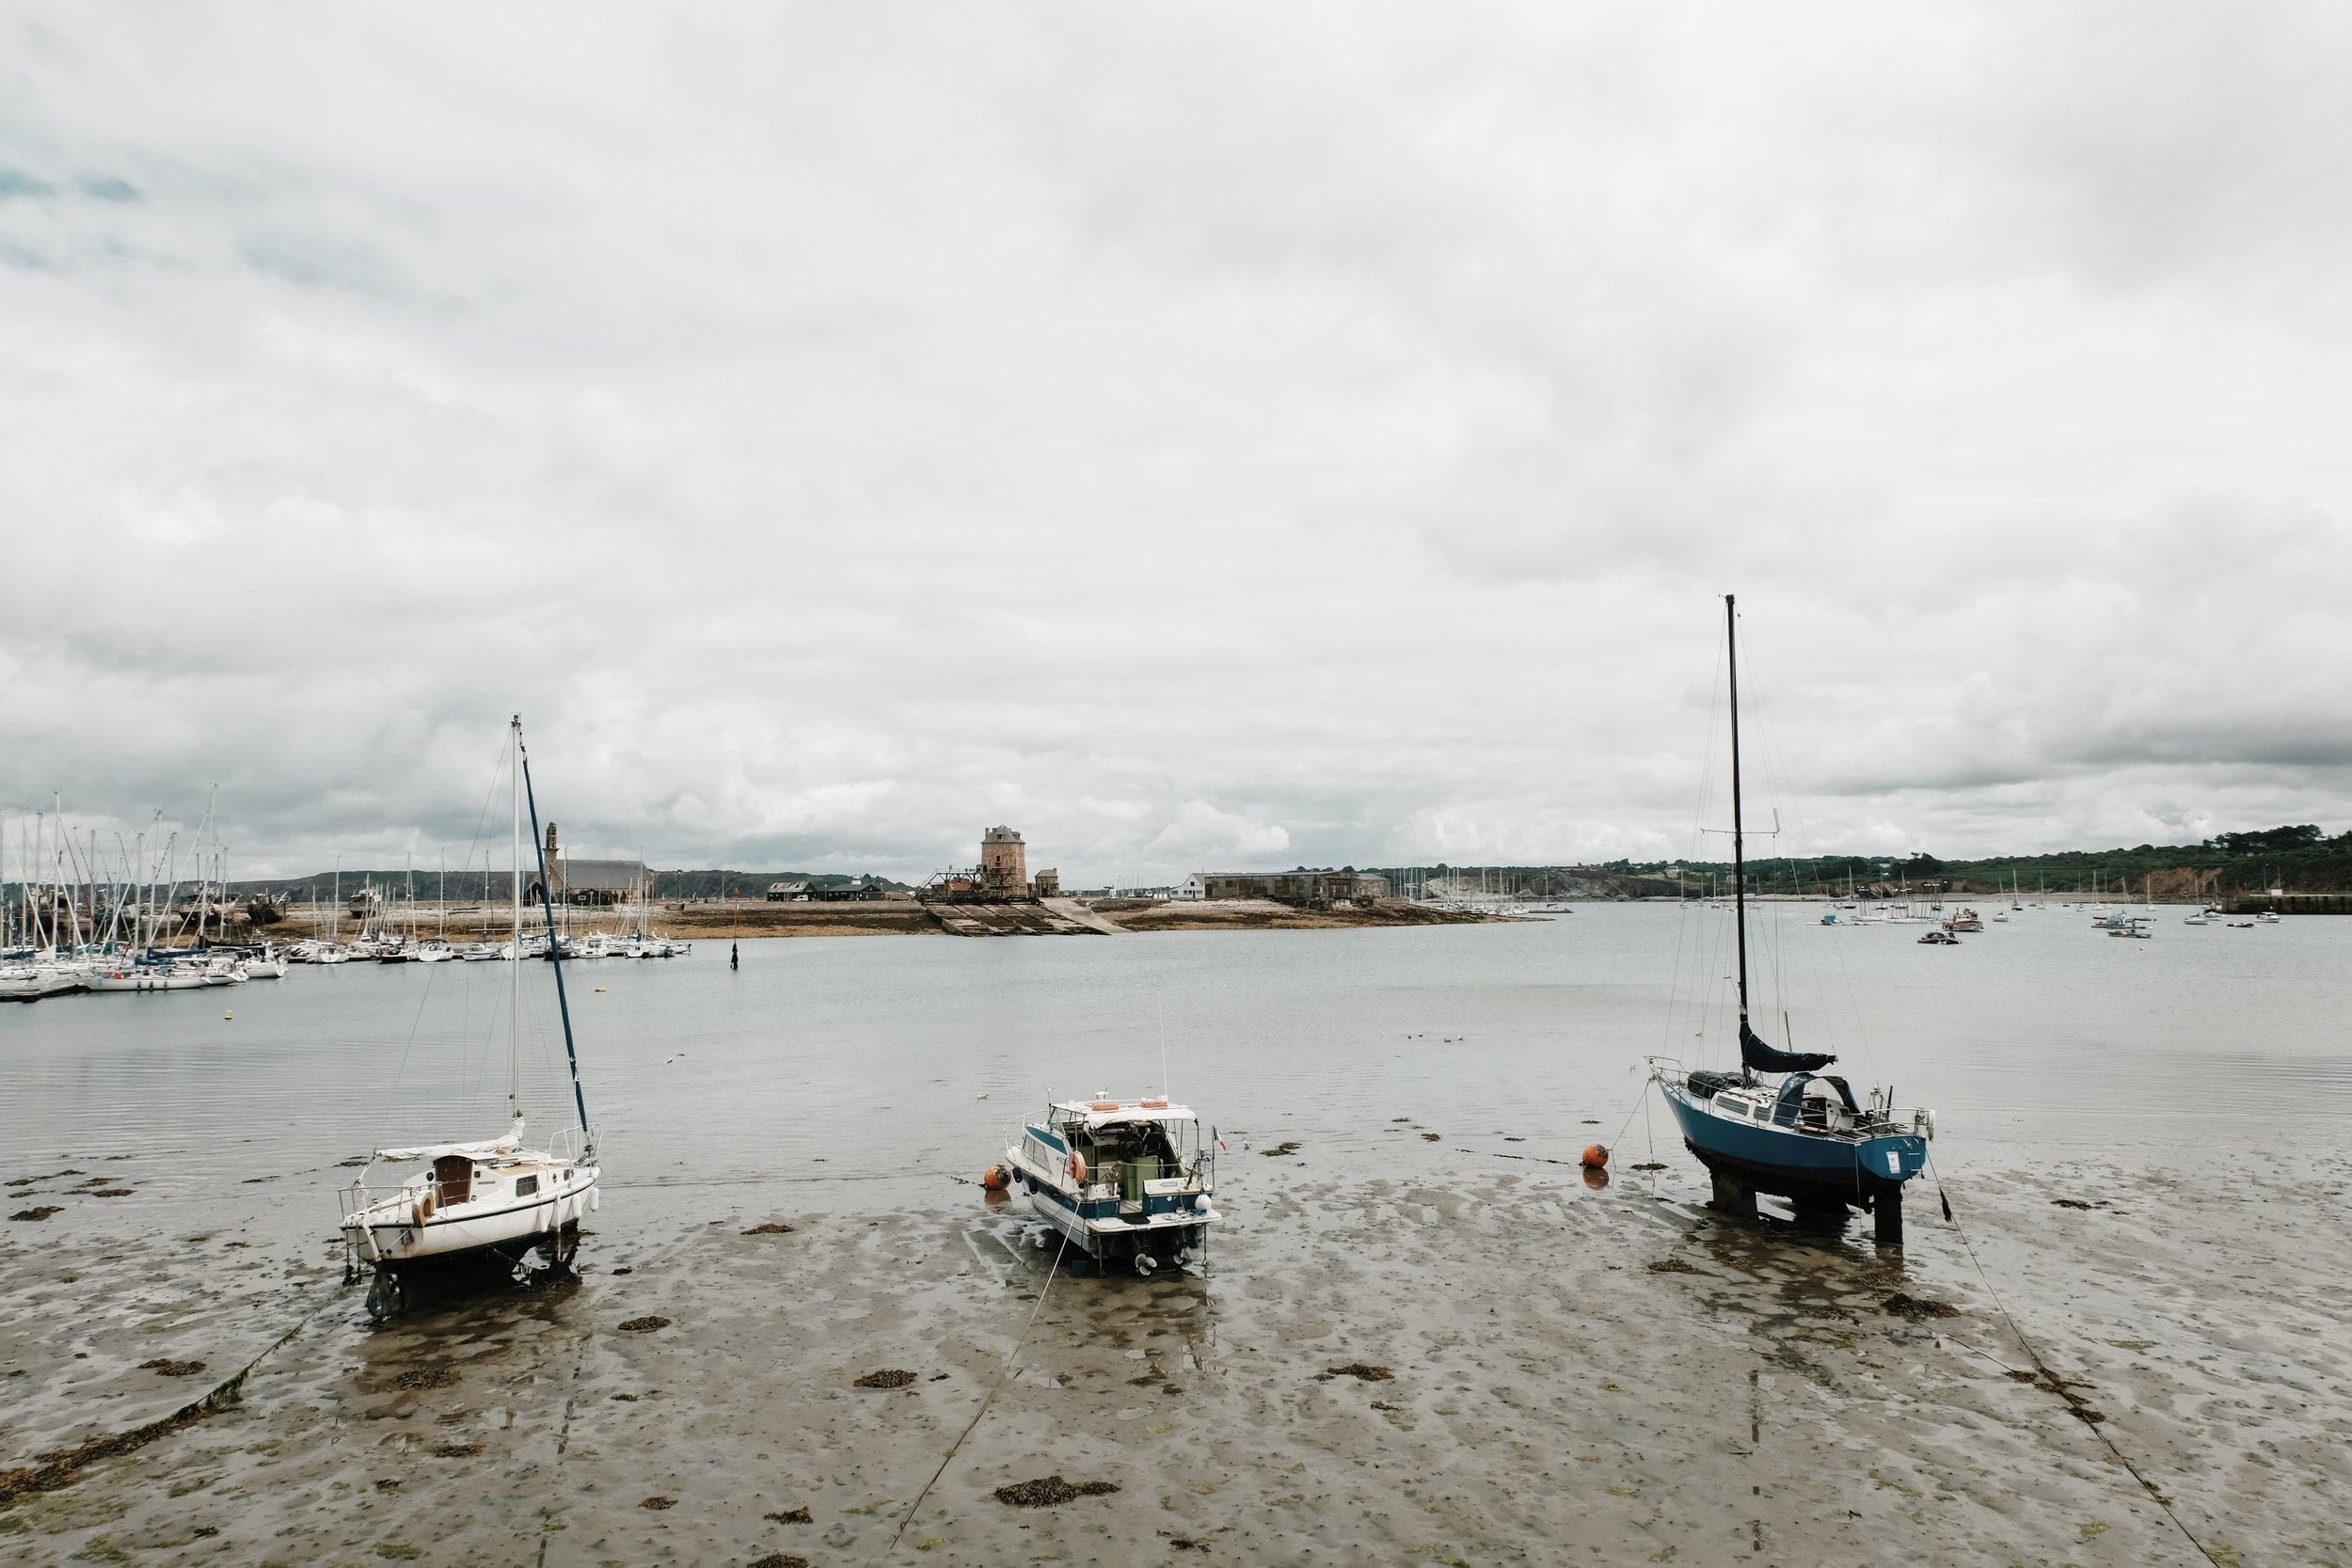 Carnet Sauvage - blog voyage Lille - visiter la Bretagne - presqu'ile de Crozon - Camaret sur mer 8.jpg